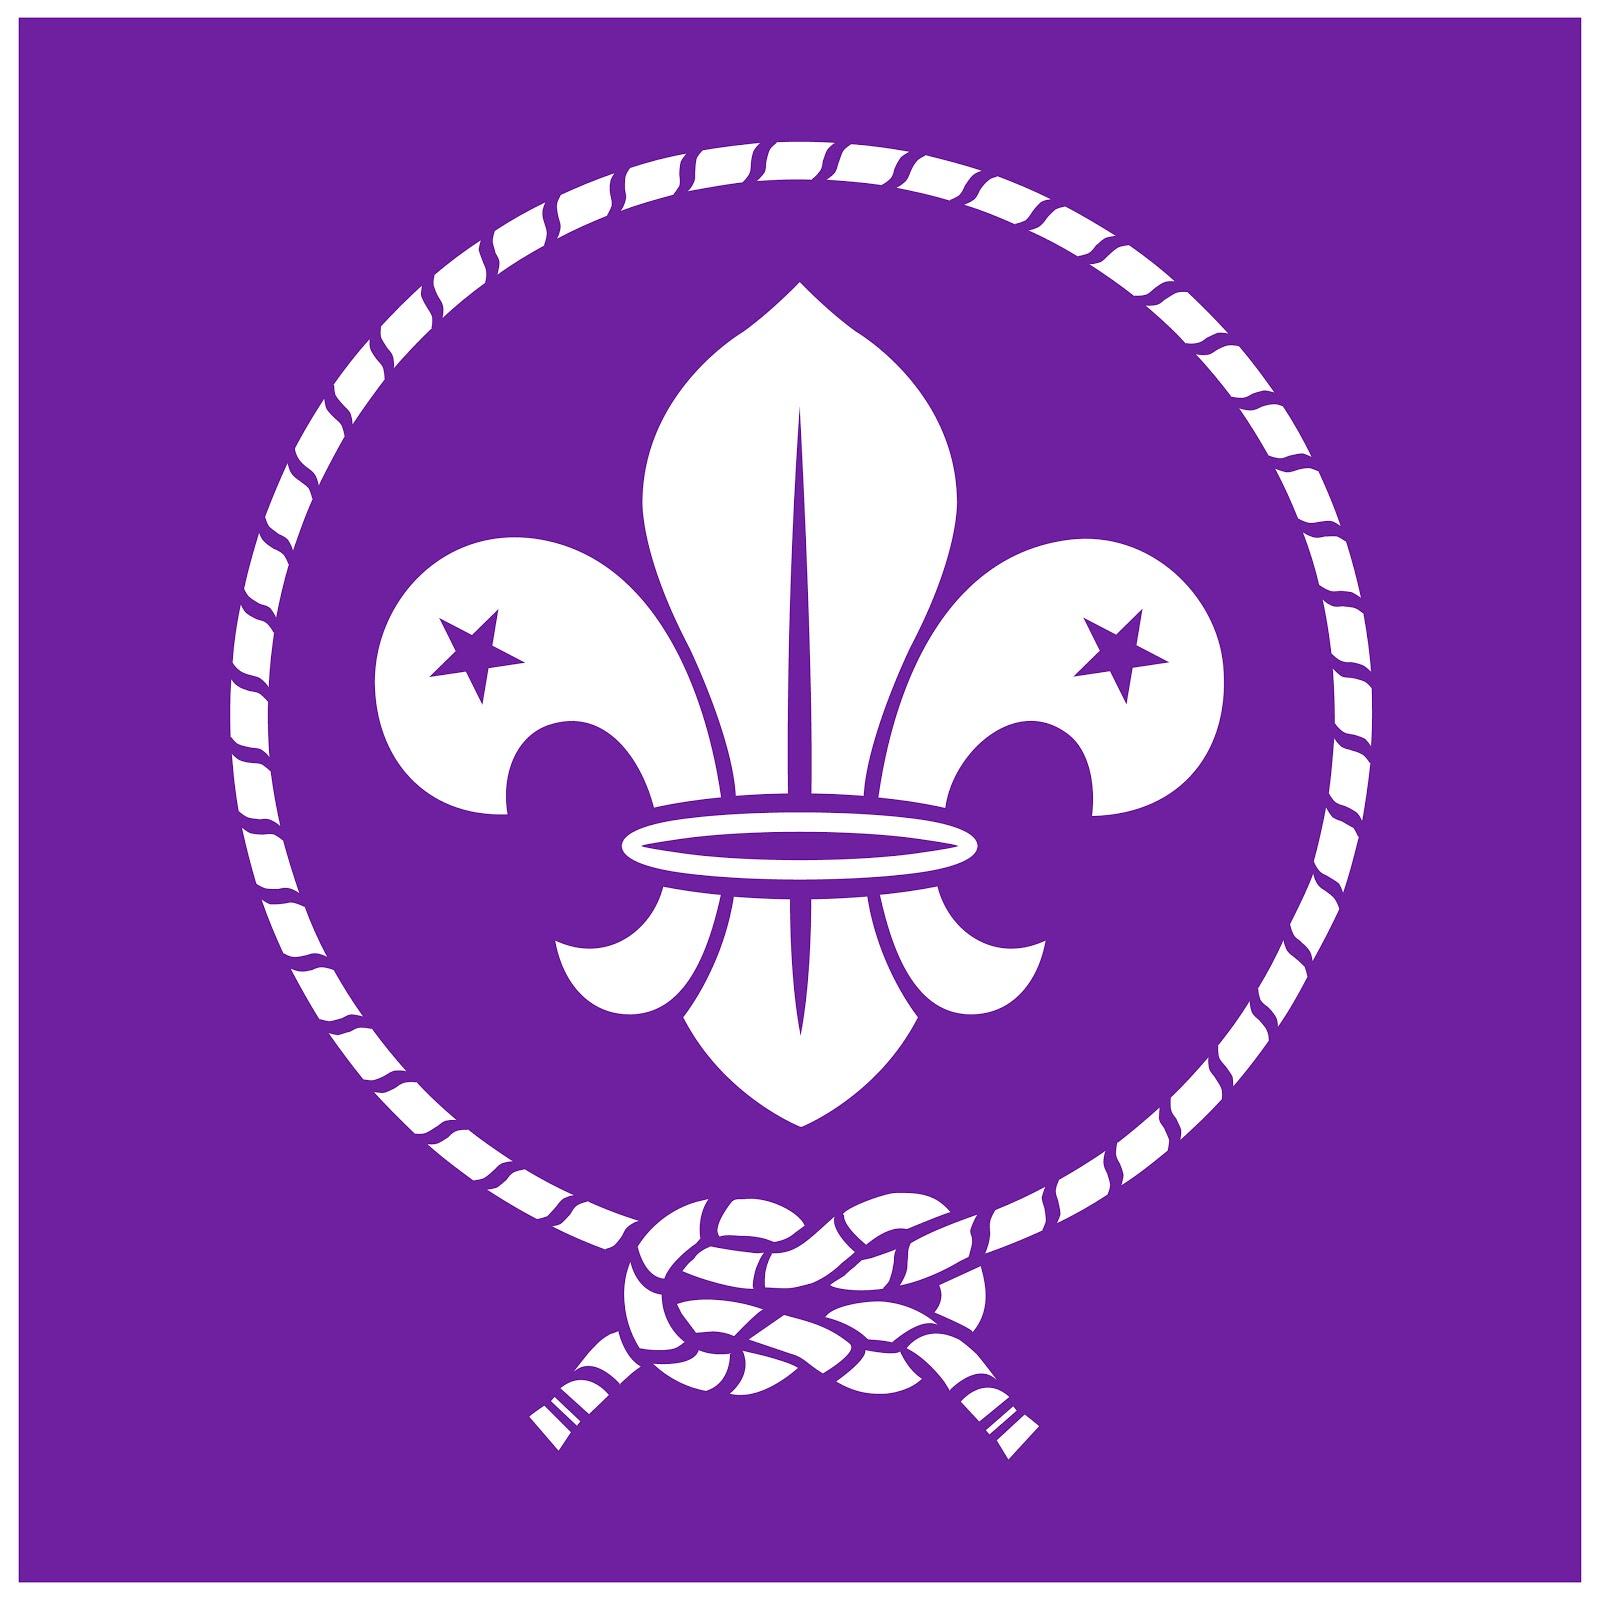 Eagle Scout logo in purple